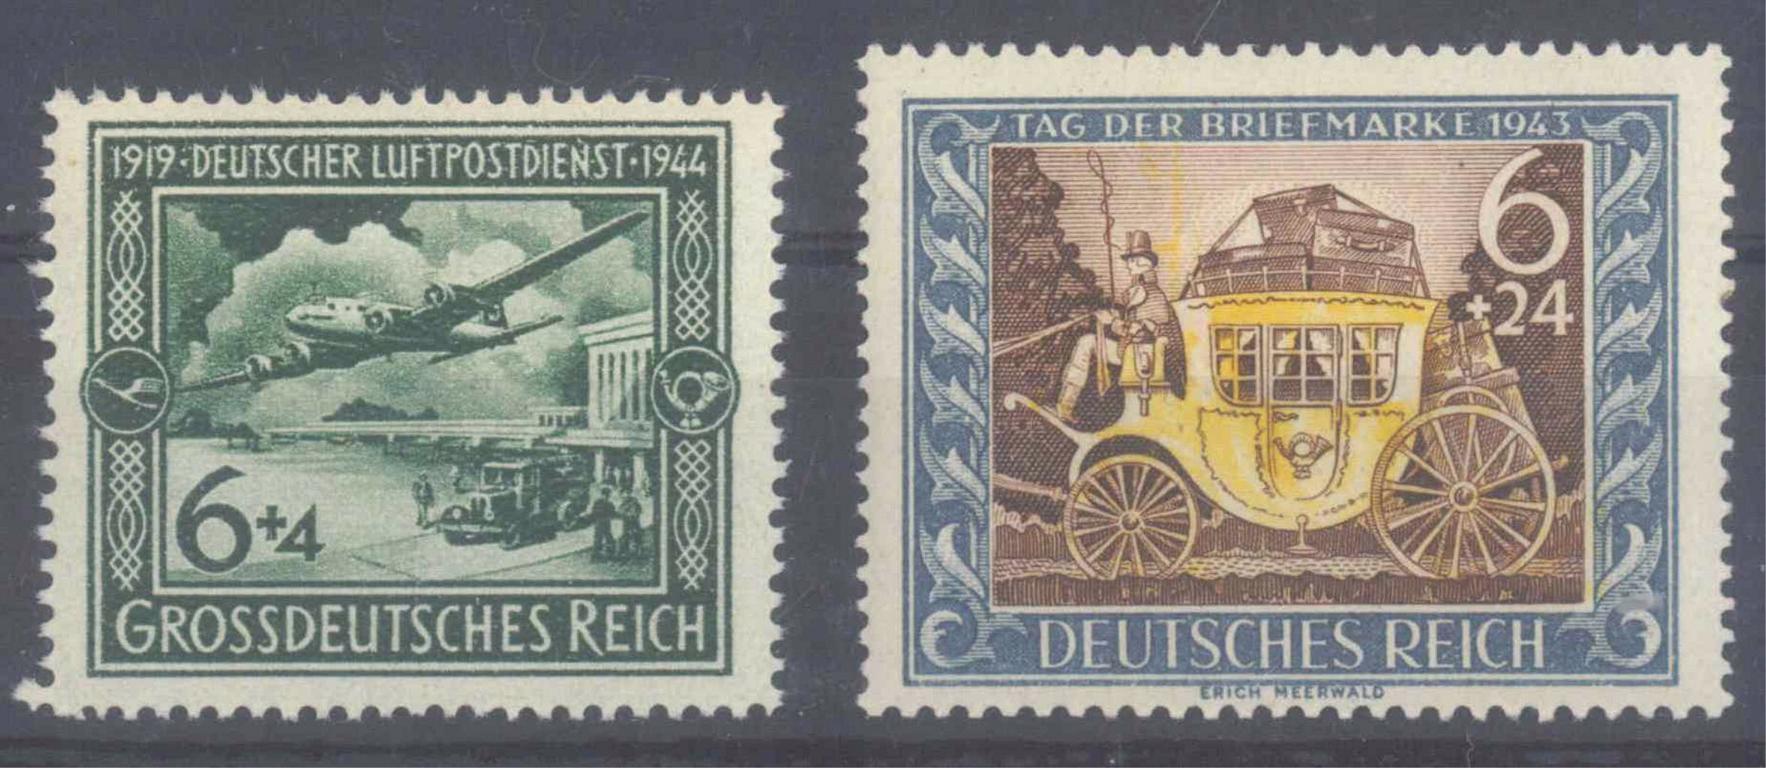 III. REICH 1944, Luftpost mit Plattenfehler